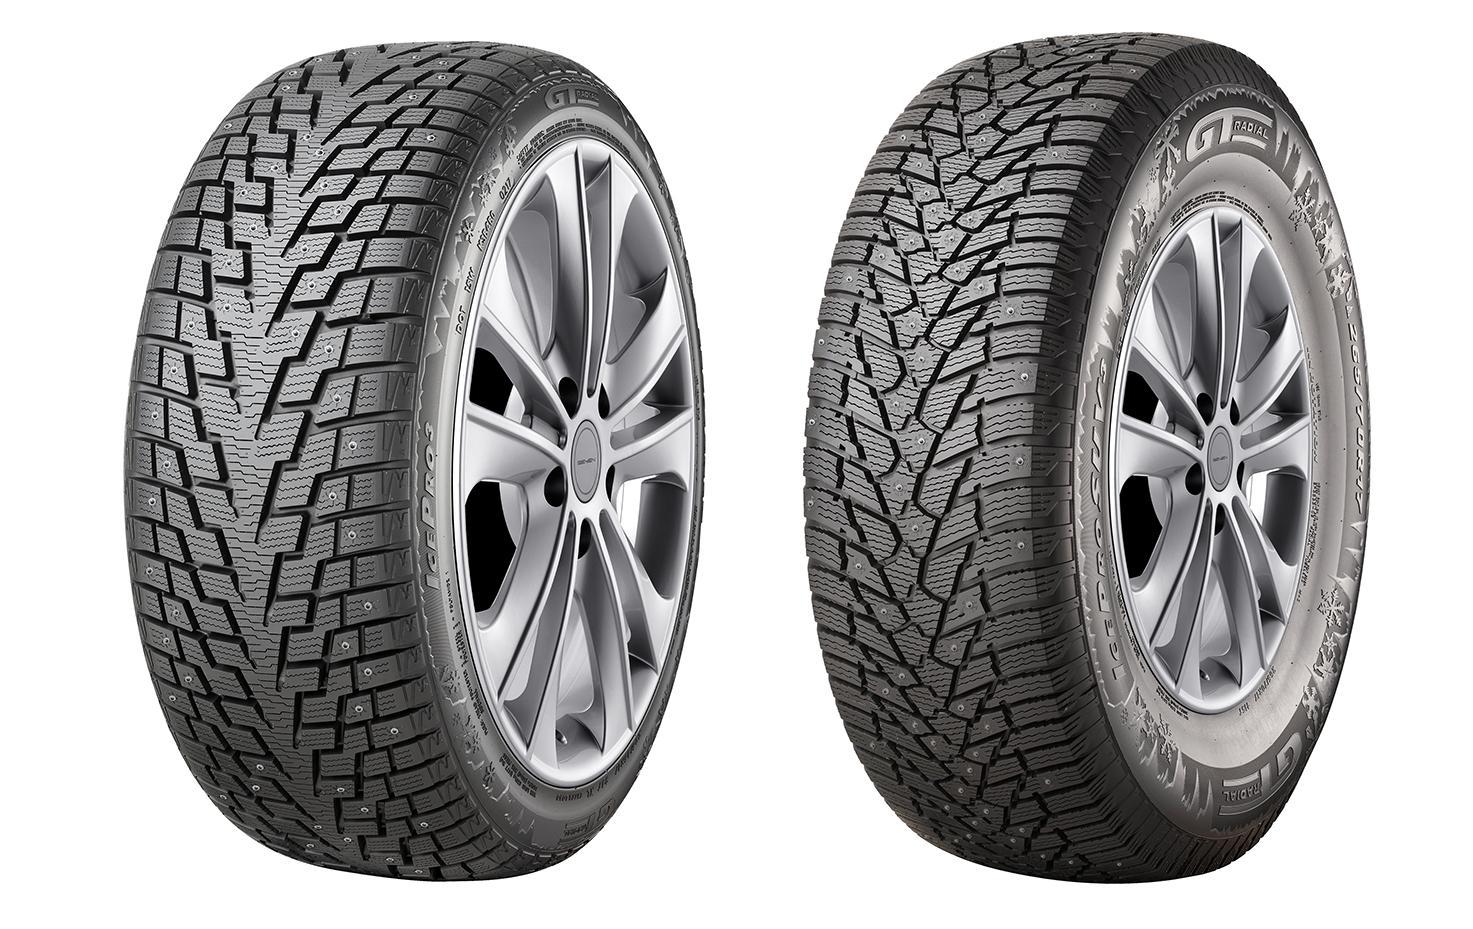 Giti Tire разработала новые шипованные шины для рынка Скандинавии